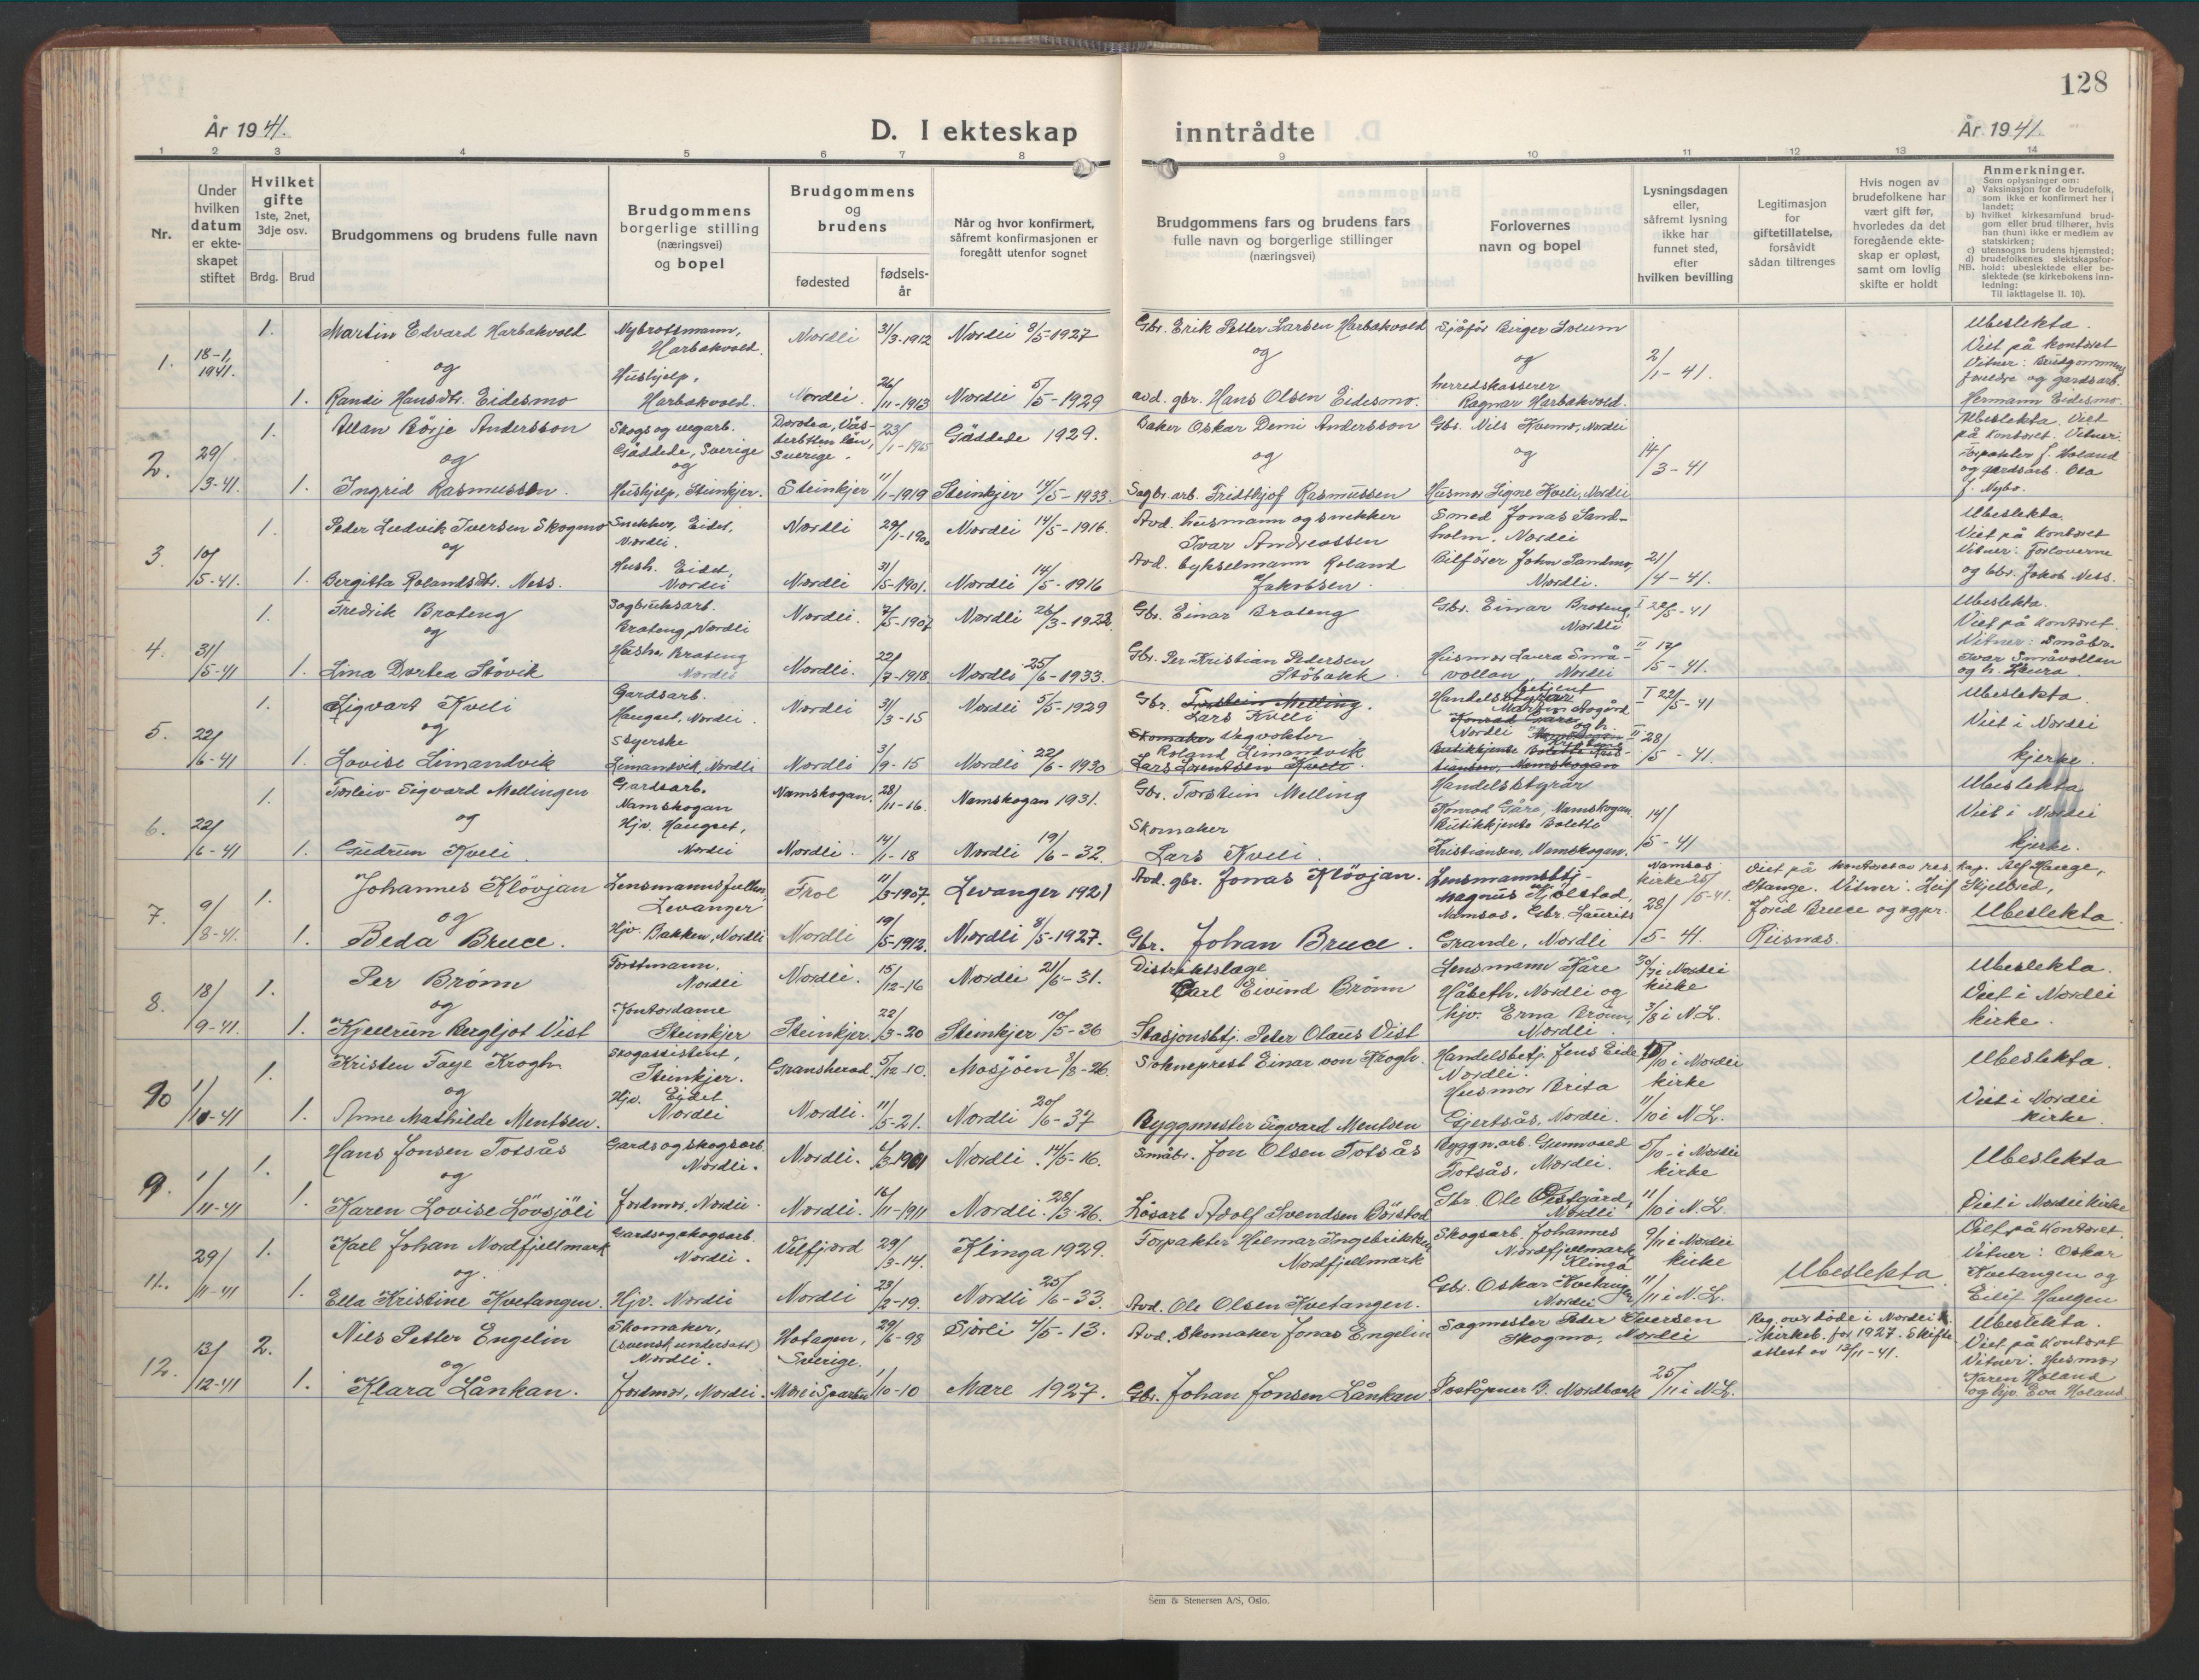 SAT, Ministerialprotokoller, klokkerbøker og fødselsregistre - Nord-Trøndelag, 755/L0500: Klokkerbok nr. 755C01, 1920-1962, s. 128